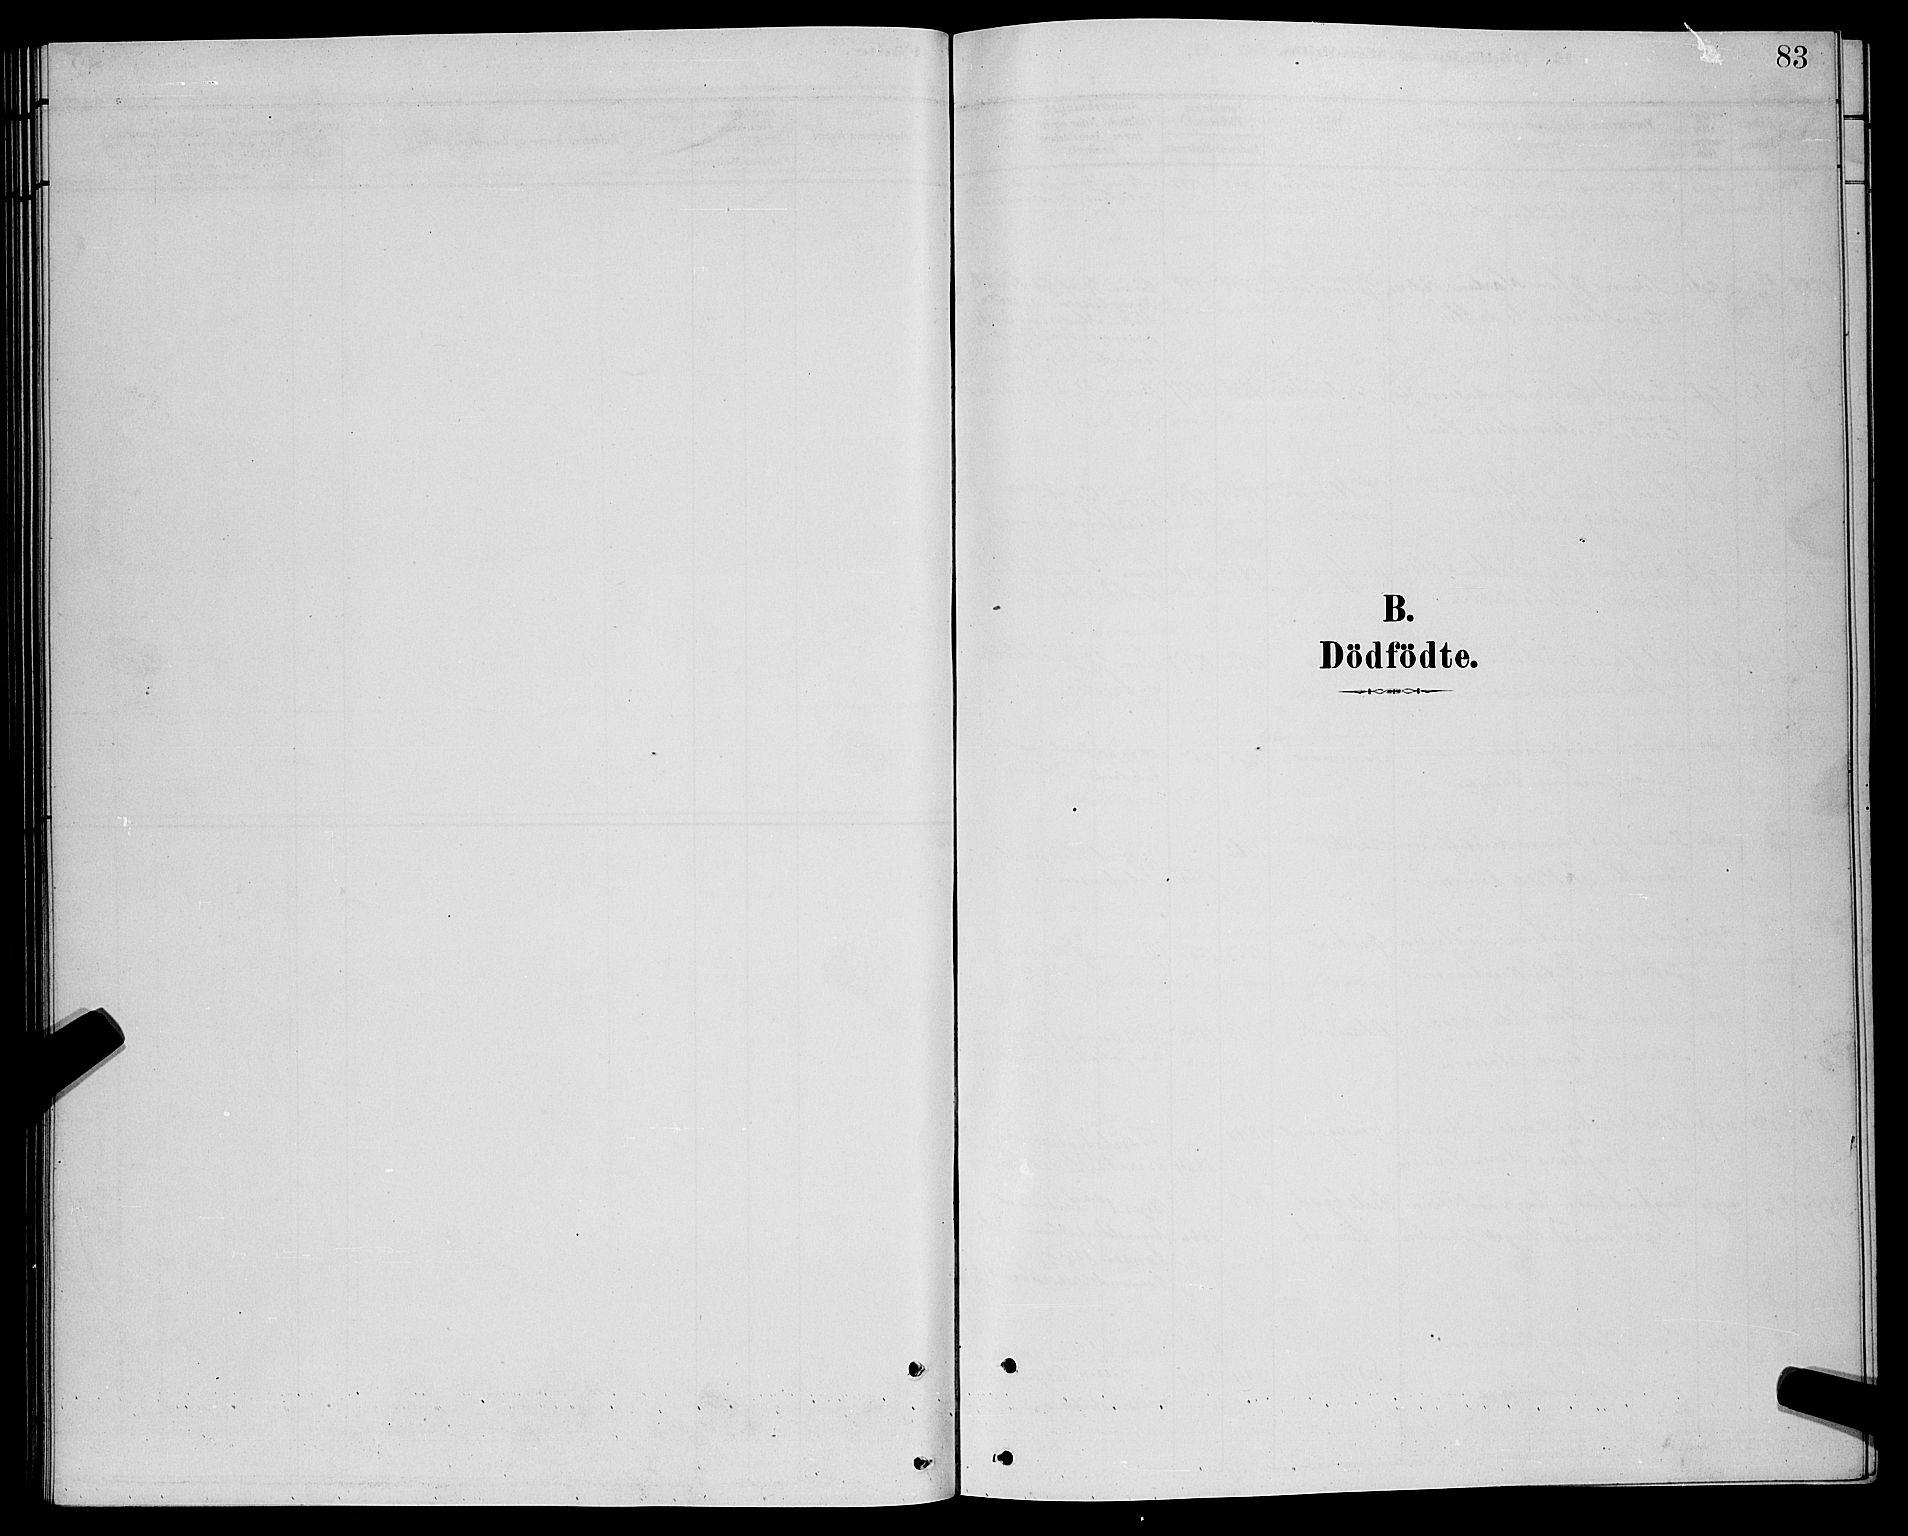 SATØ, Lenvik sokneprestembete, H/Ha: Klokkerbok nr. 21, 1884-1900, s. 83